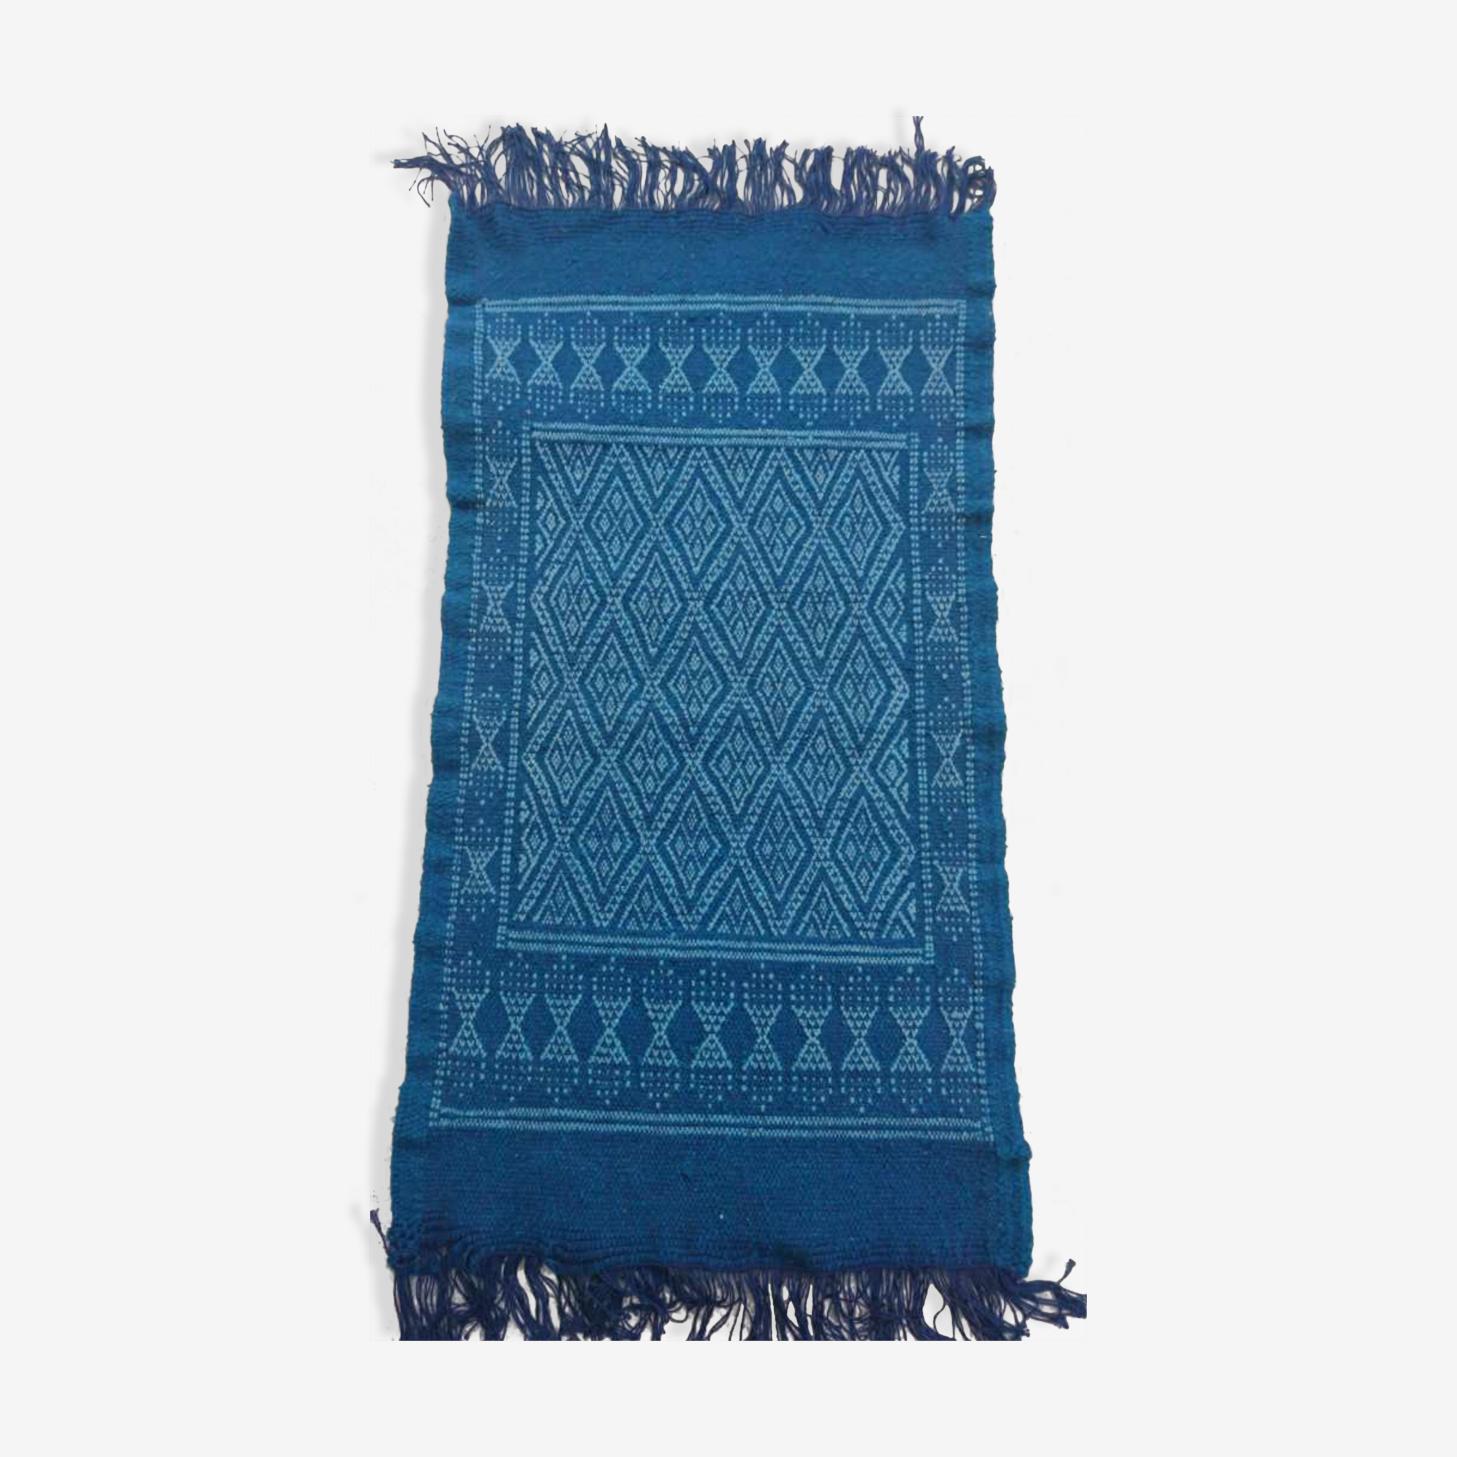 Tapis berbère fait à la main en pure laine bleu